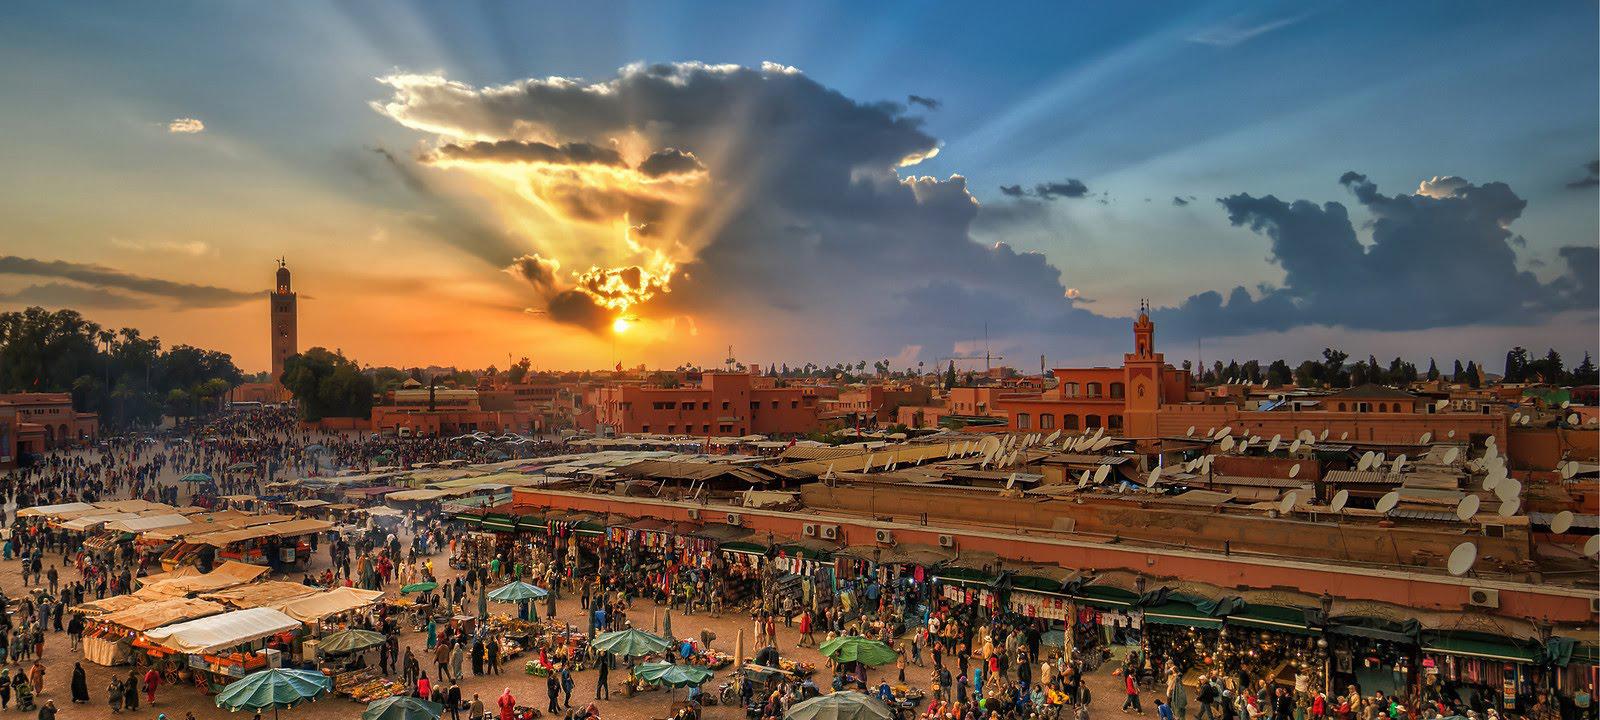 Galeries photos des excursion du Maroc